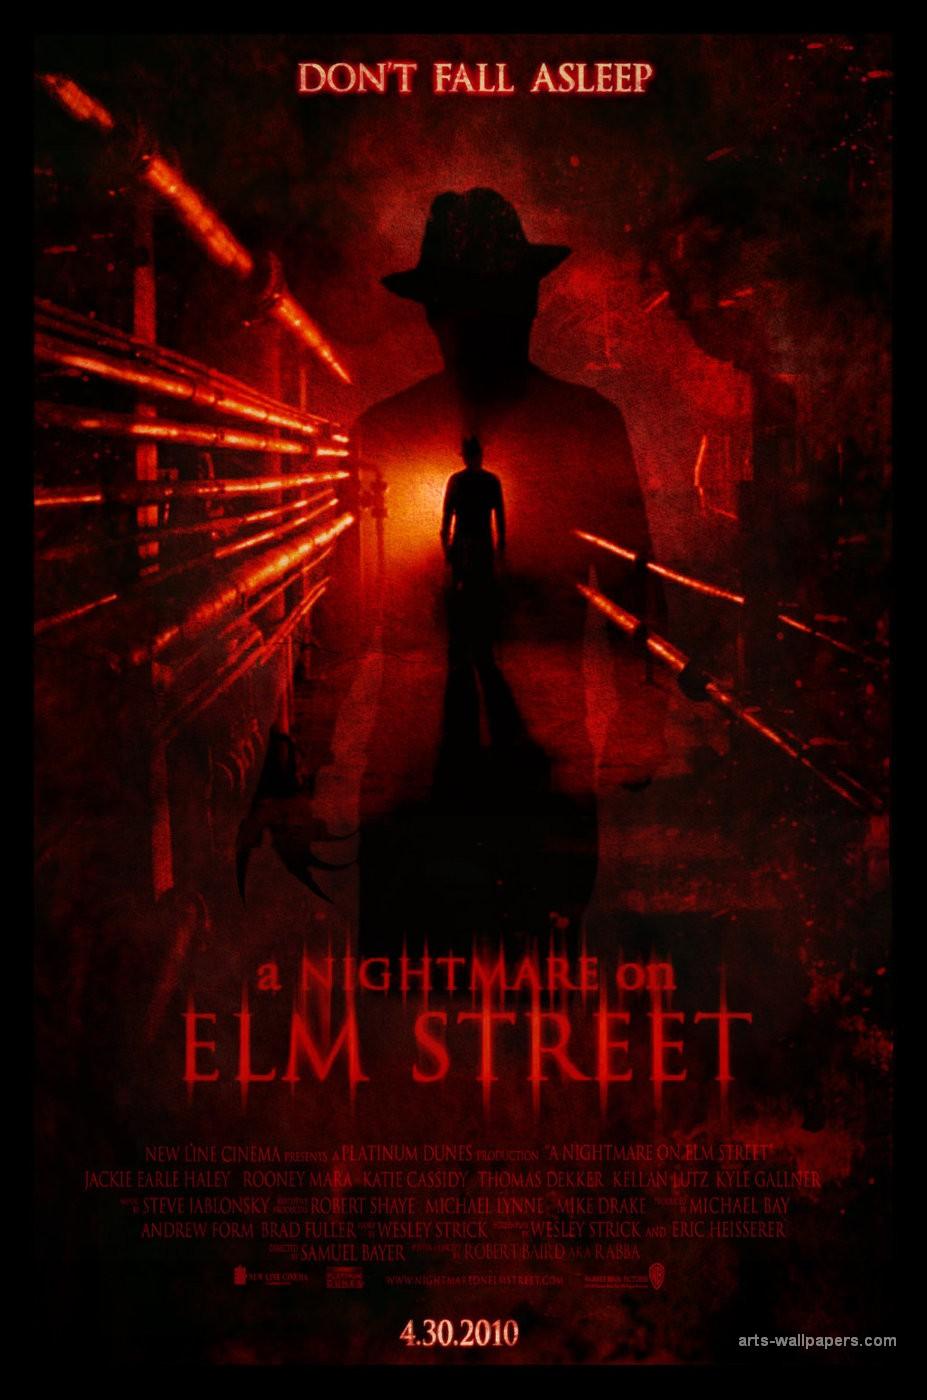 A+Nightmare+on+Elm+Street+(2010)